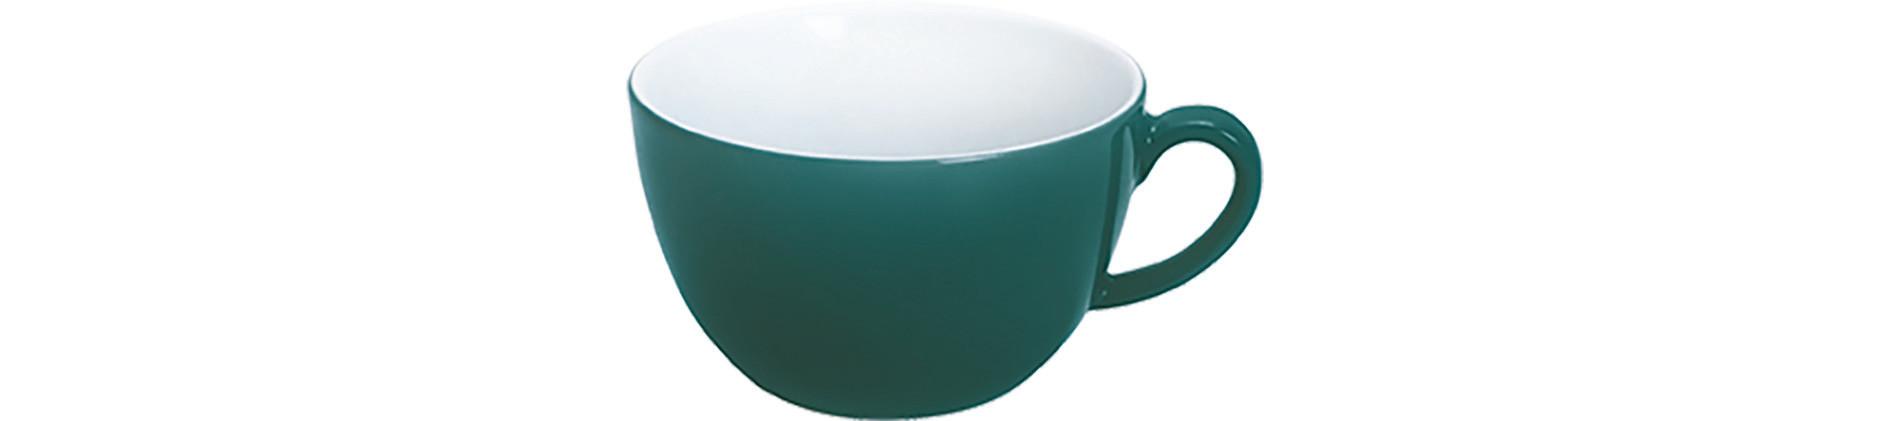 Pronto, Café au lait Tasse ø 115 mm / 0,40 l opalgrün